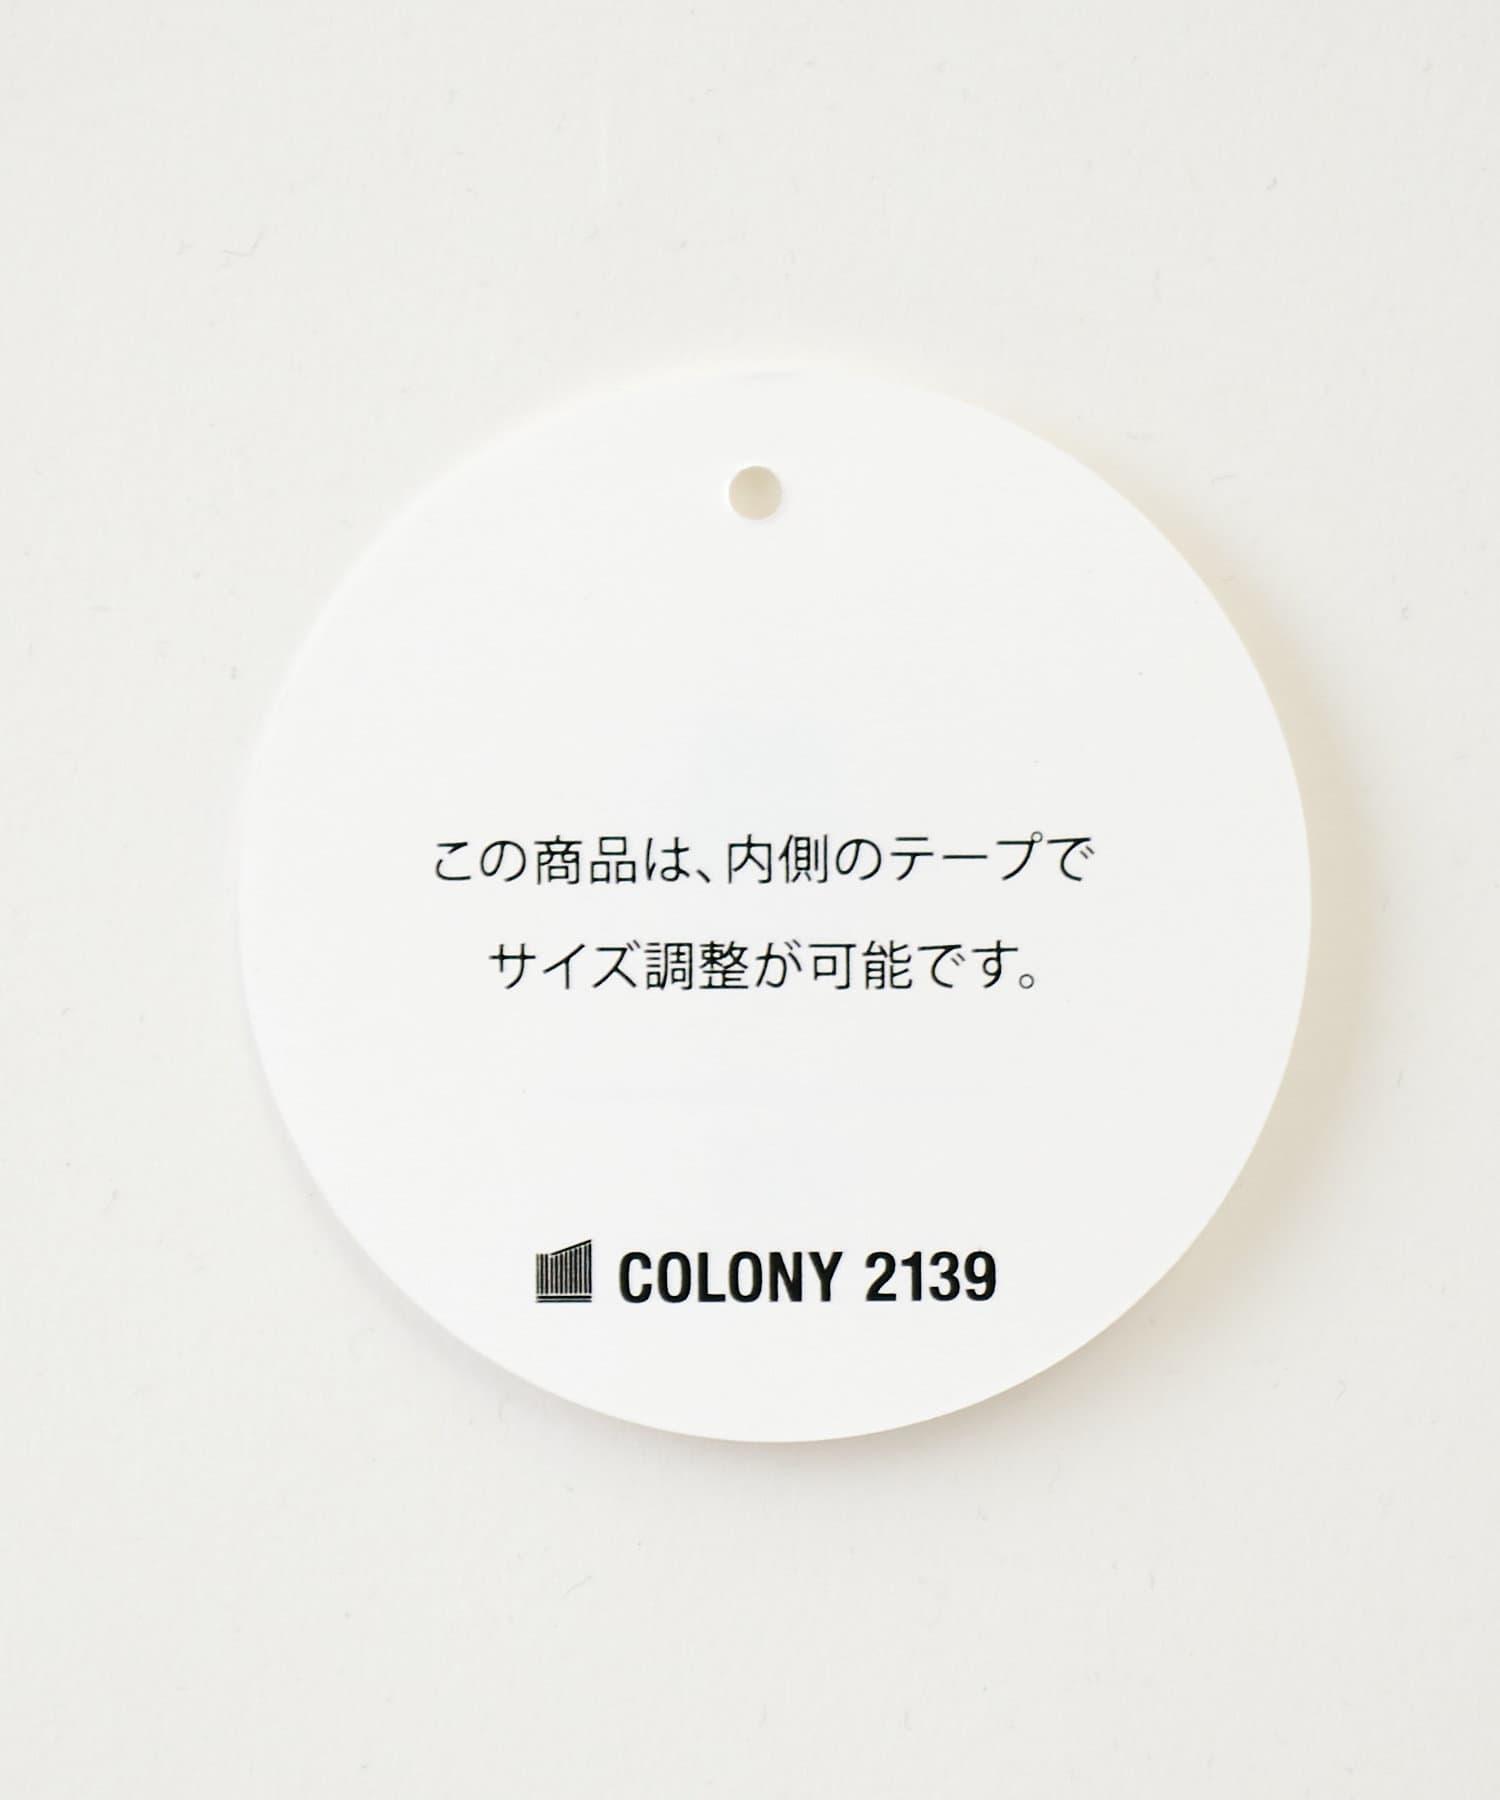 COLONY 2139(コロニー トゥーワンスリーナイン) 手編みつば広ペーパーハット[着用動画あり]